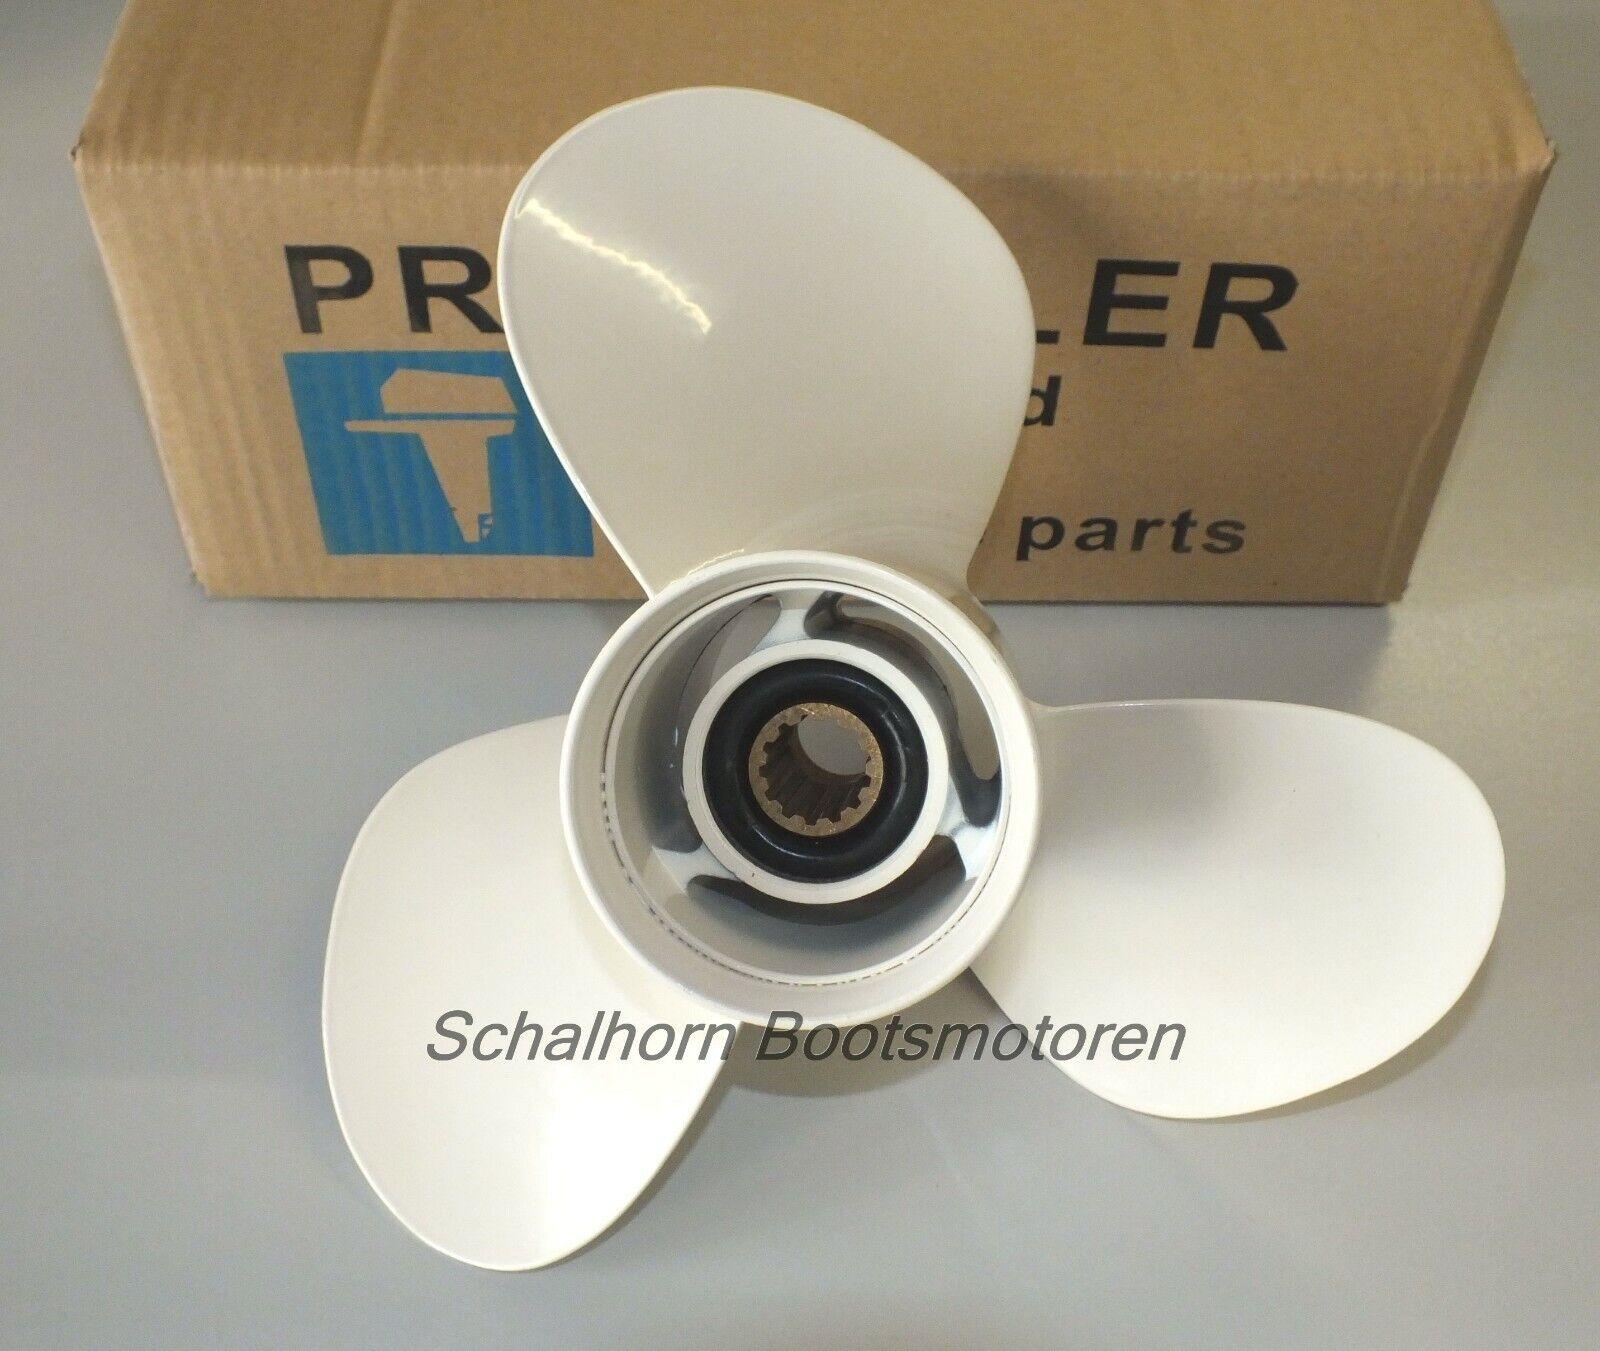 11-1 2 X 13 G  Propeller, passend für Yamaha 30 bis 60